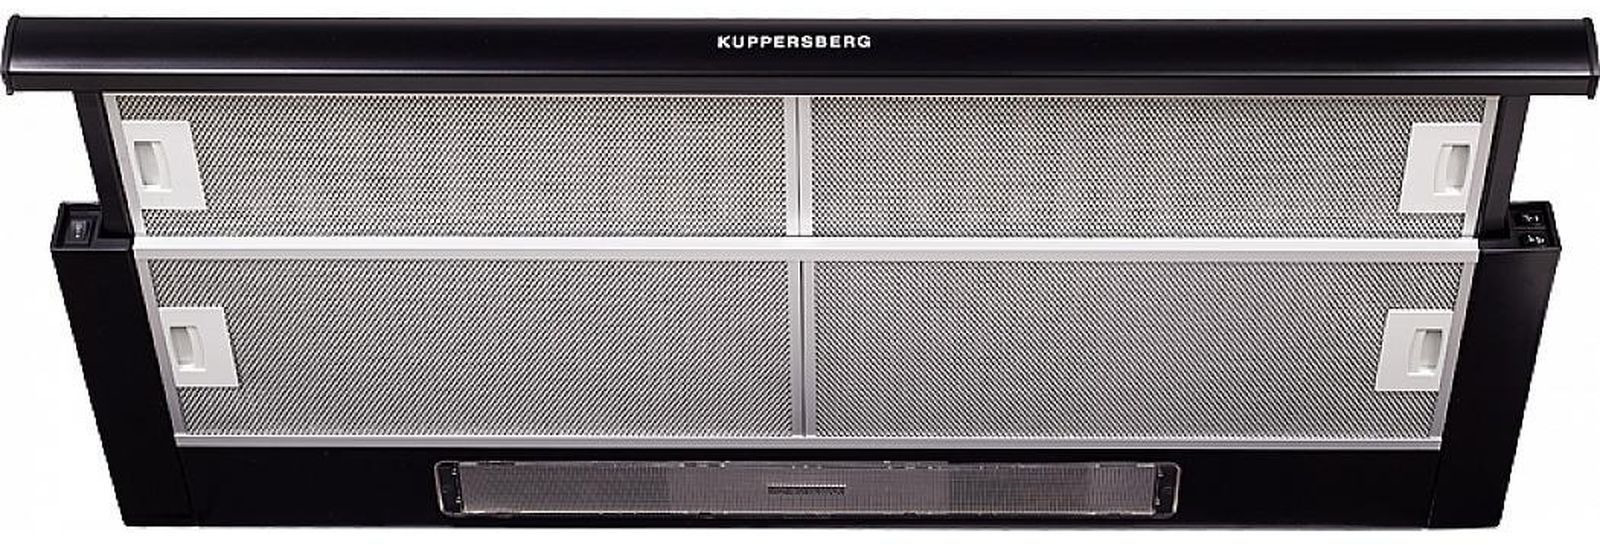 Вытяжка Kuppersberg SLIMLUX II 90 SG Kuppersberg